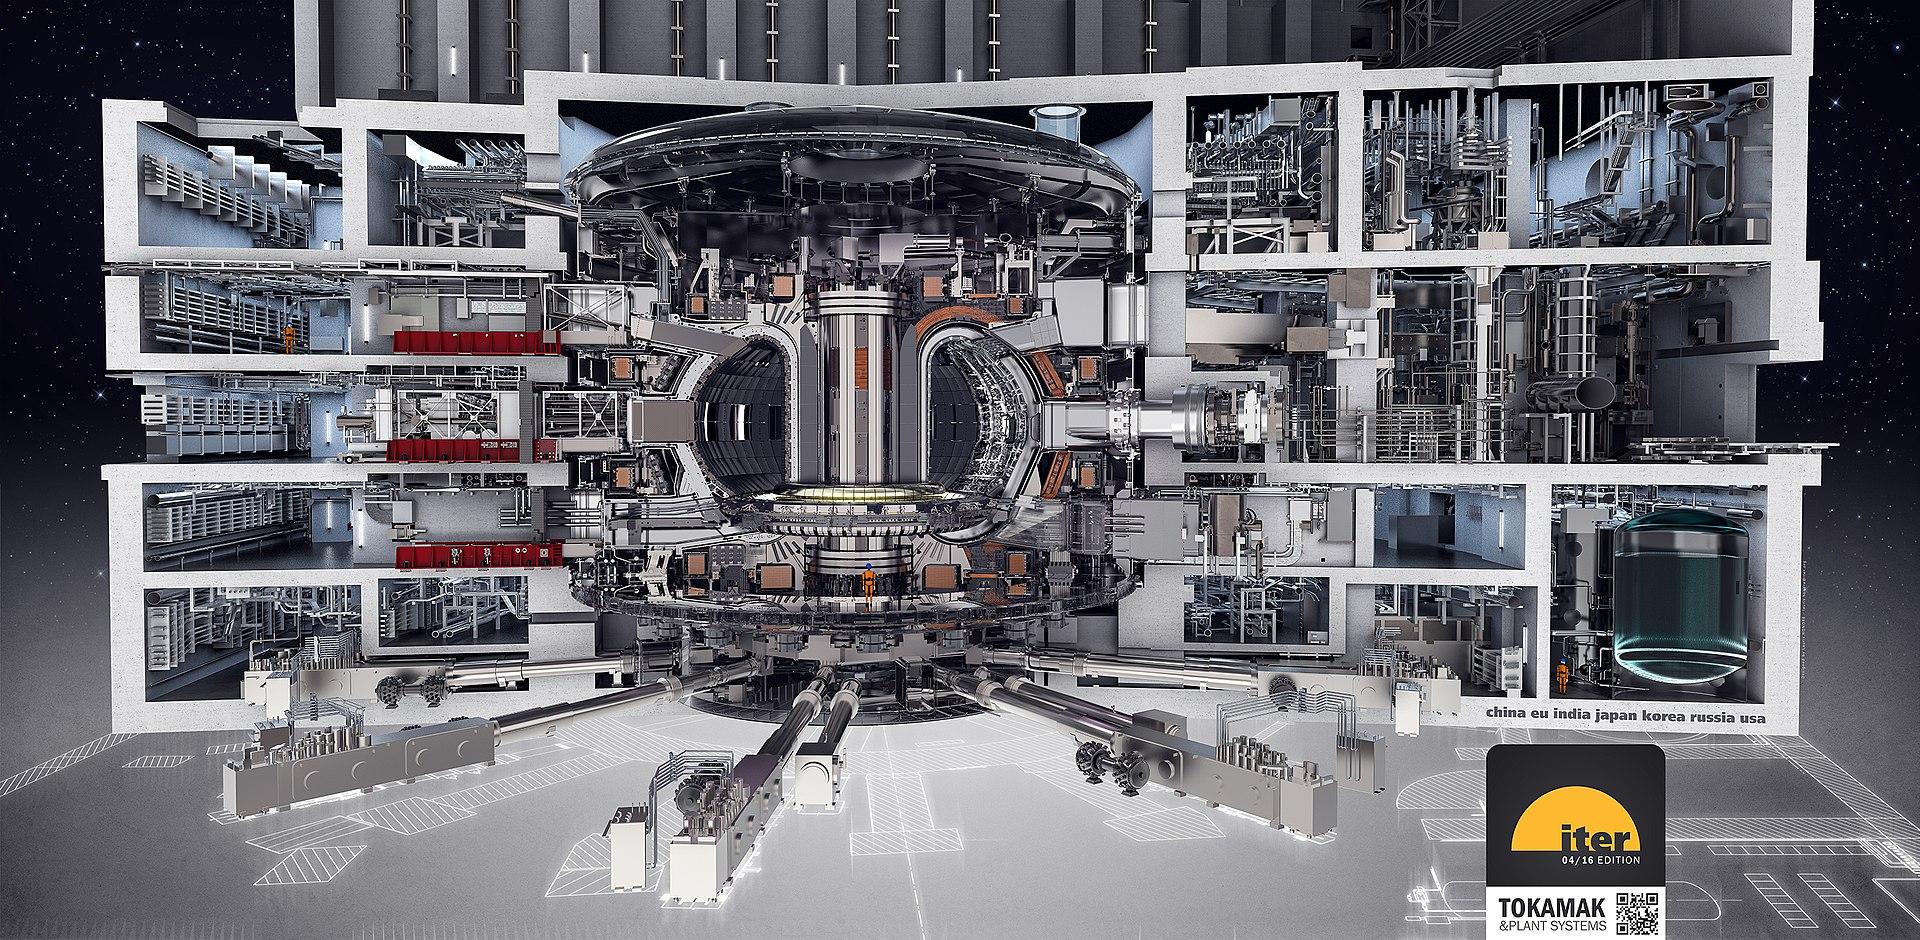 Prosegue la costruzione di ITER, il reattore nucleare a fusione sperimentale francese